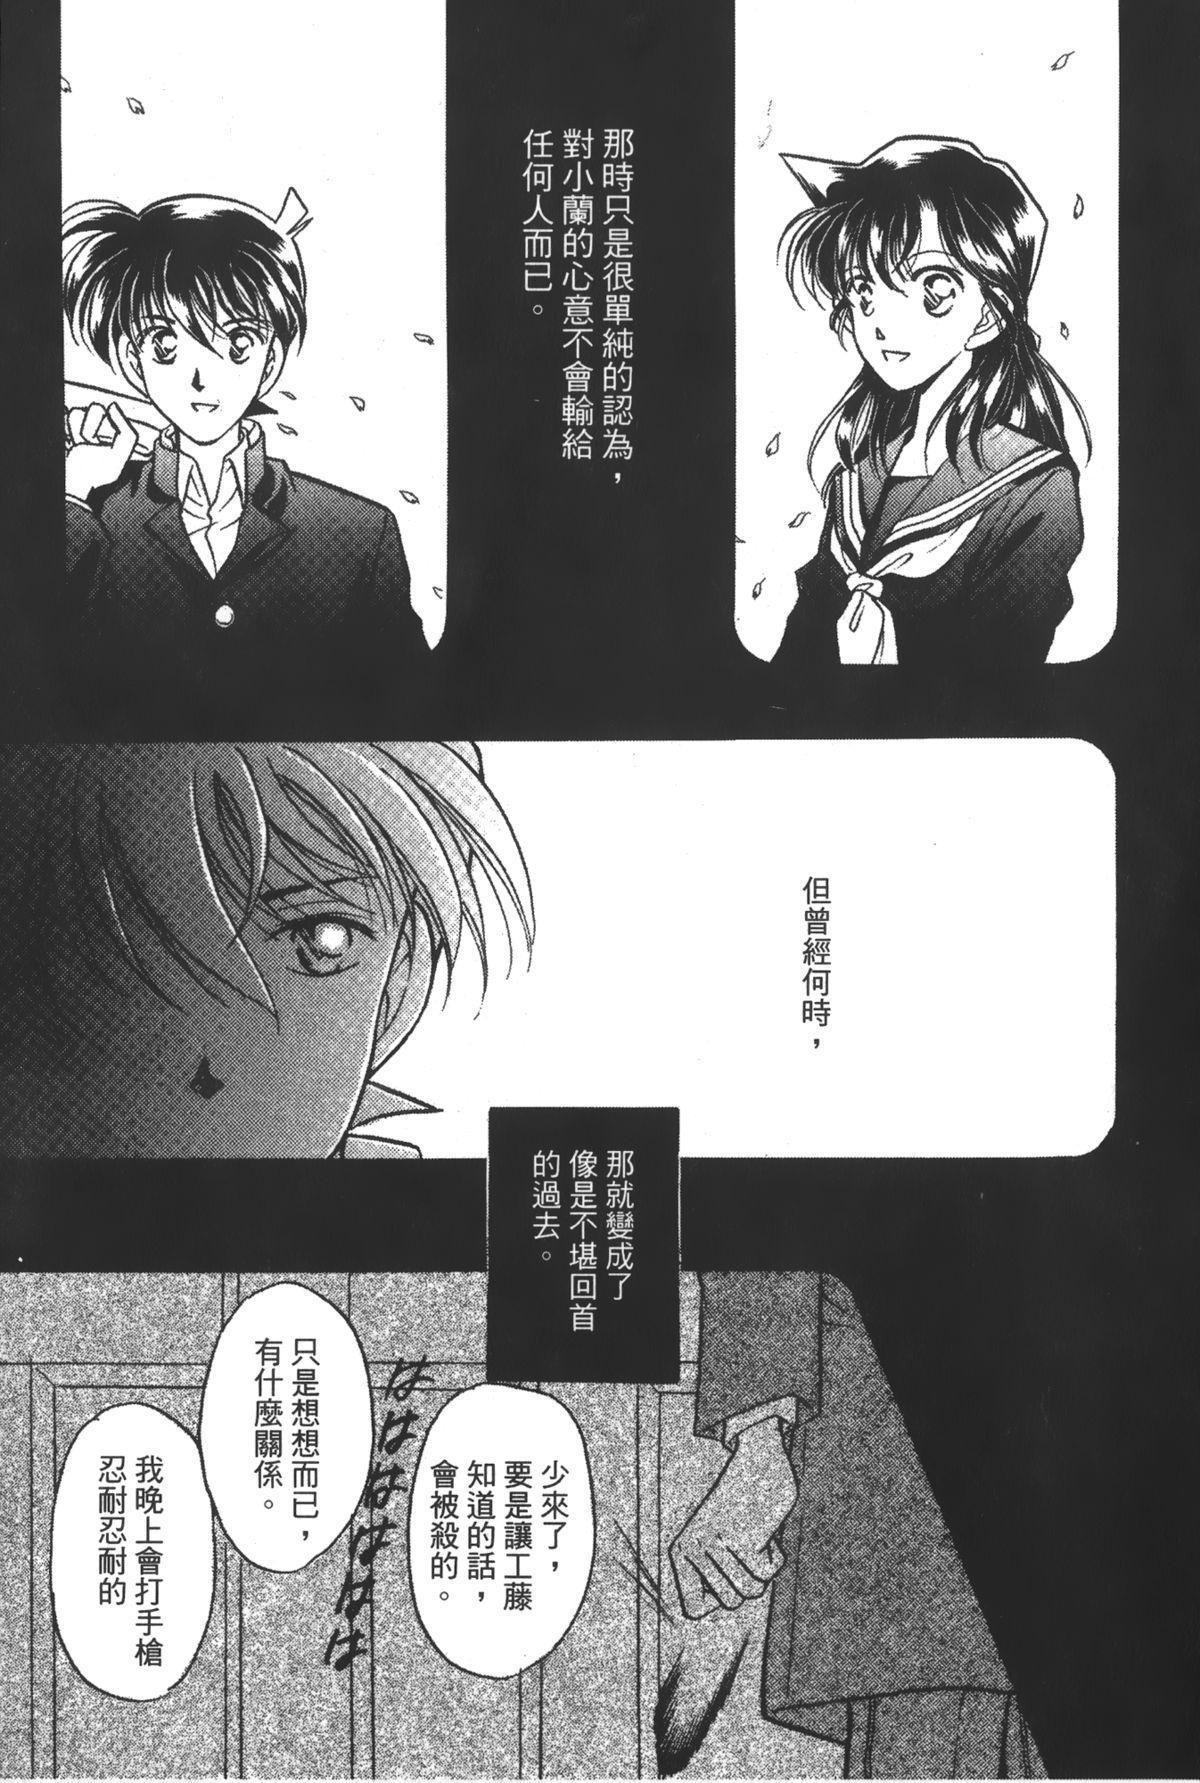 Detective Assistant Vol. 14 75